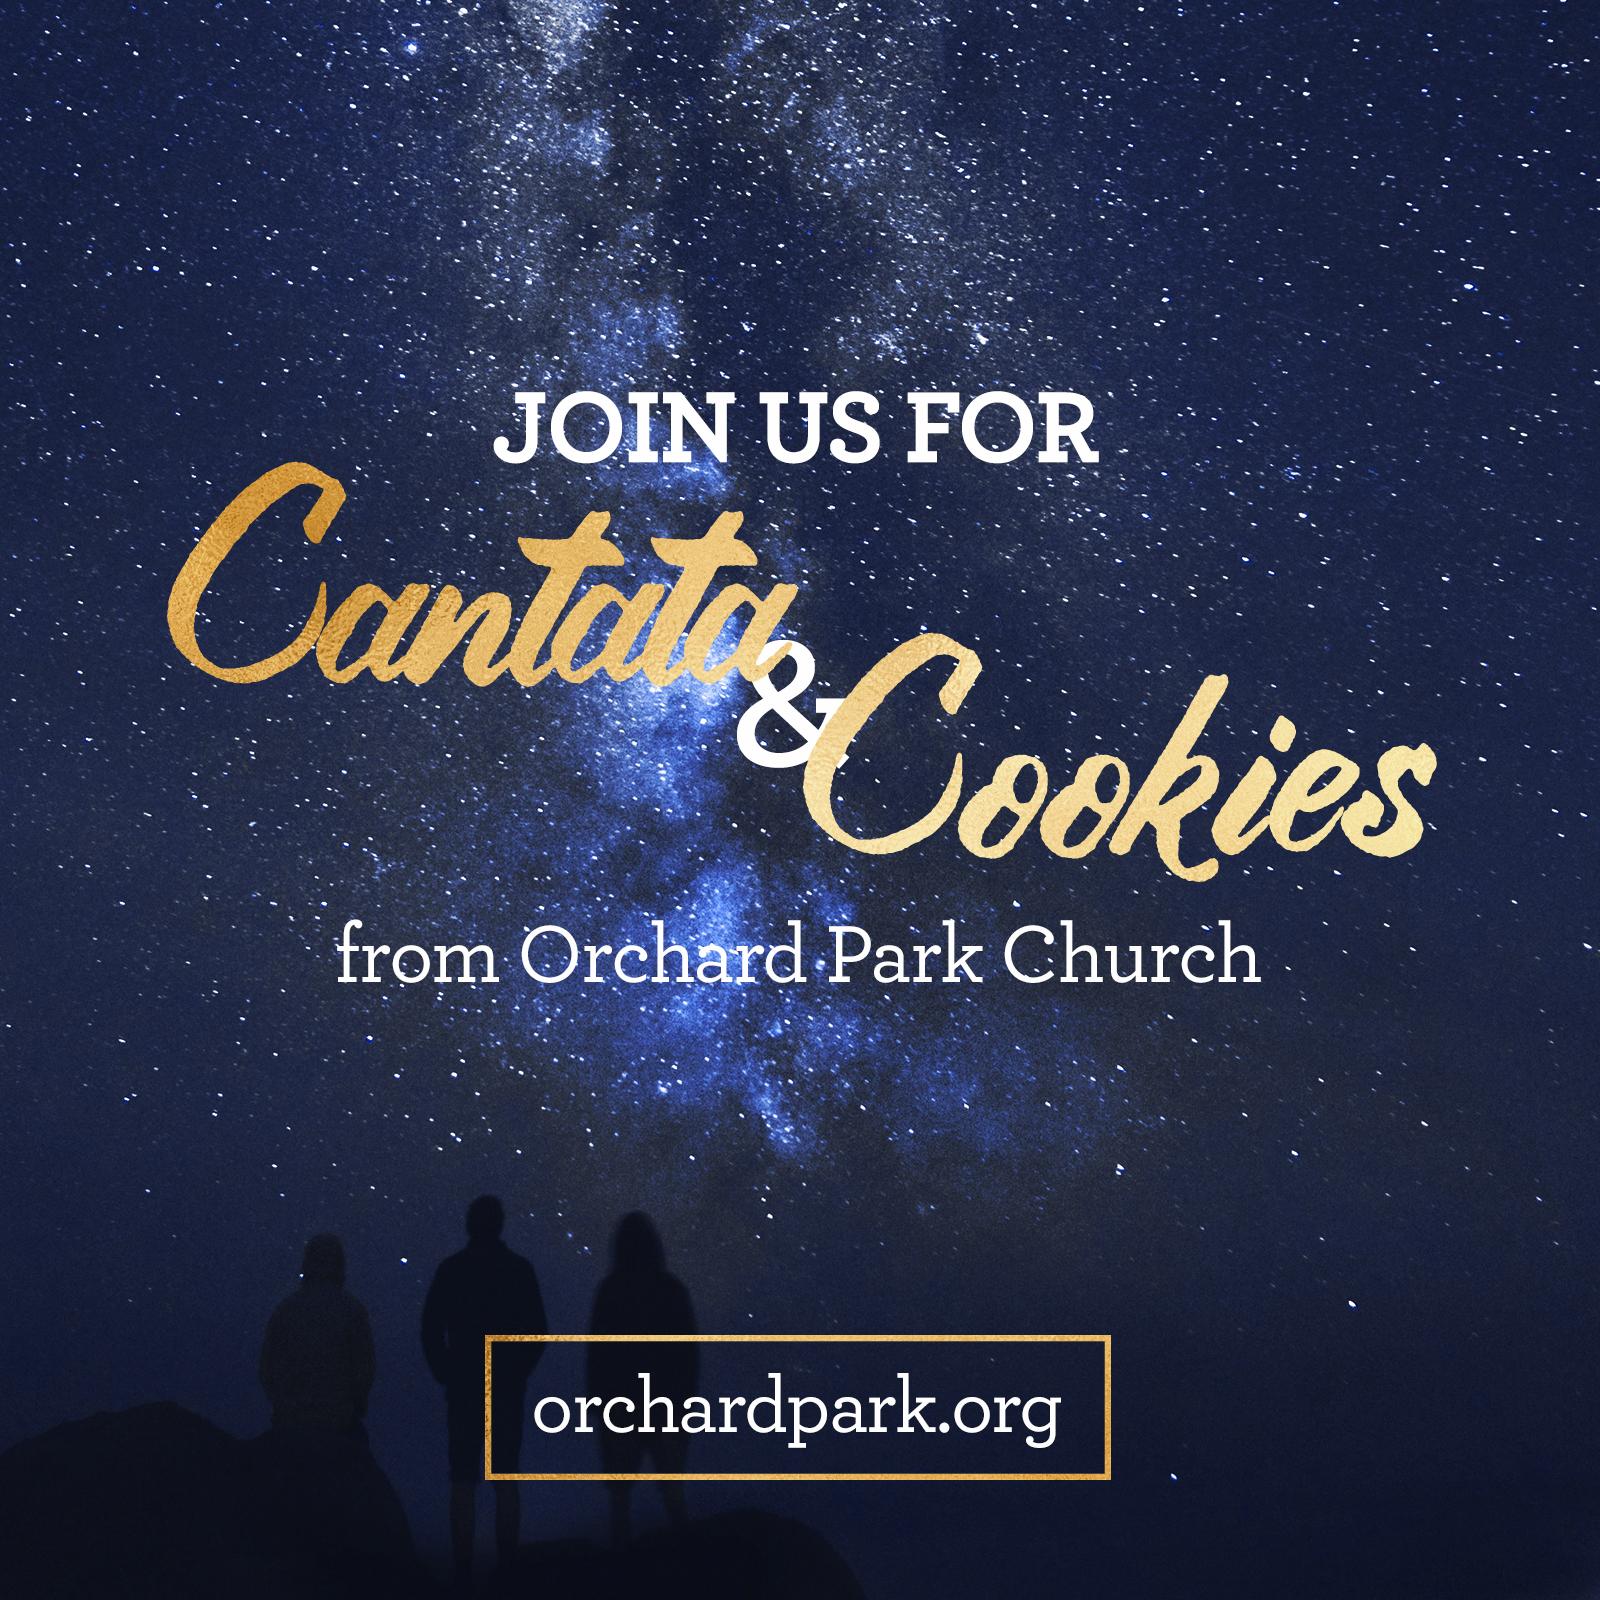 Cantat & Cookies